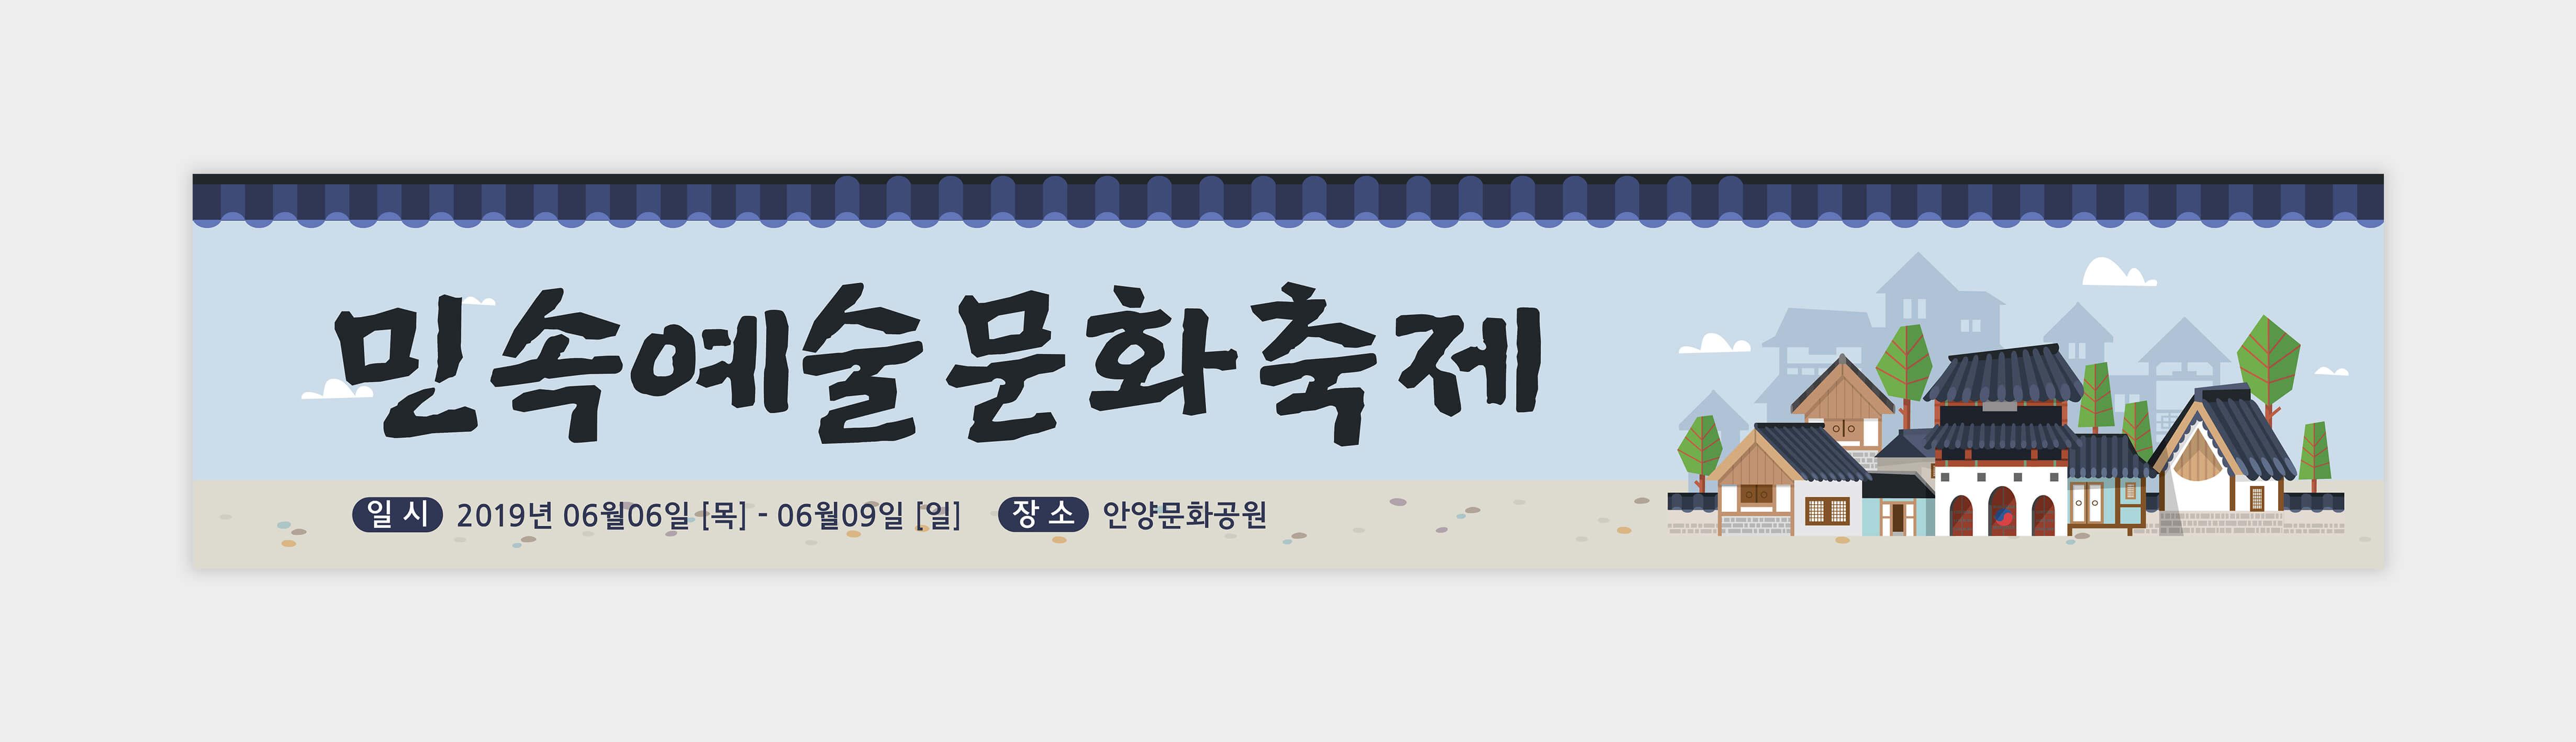 현수막_095